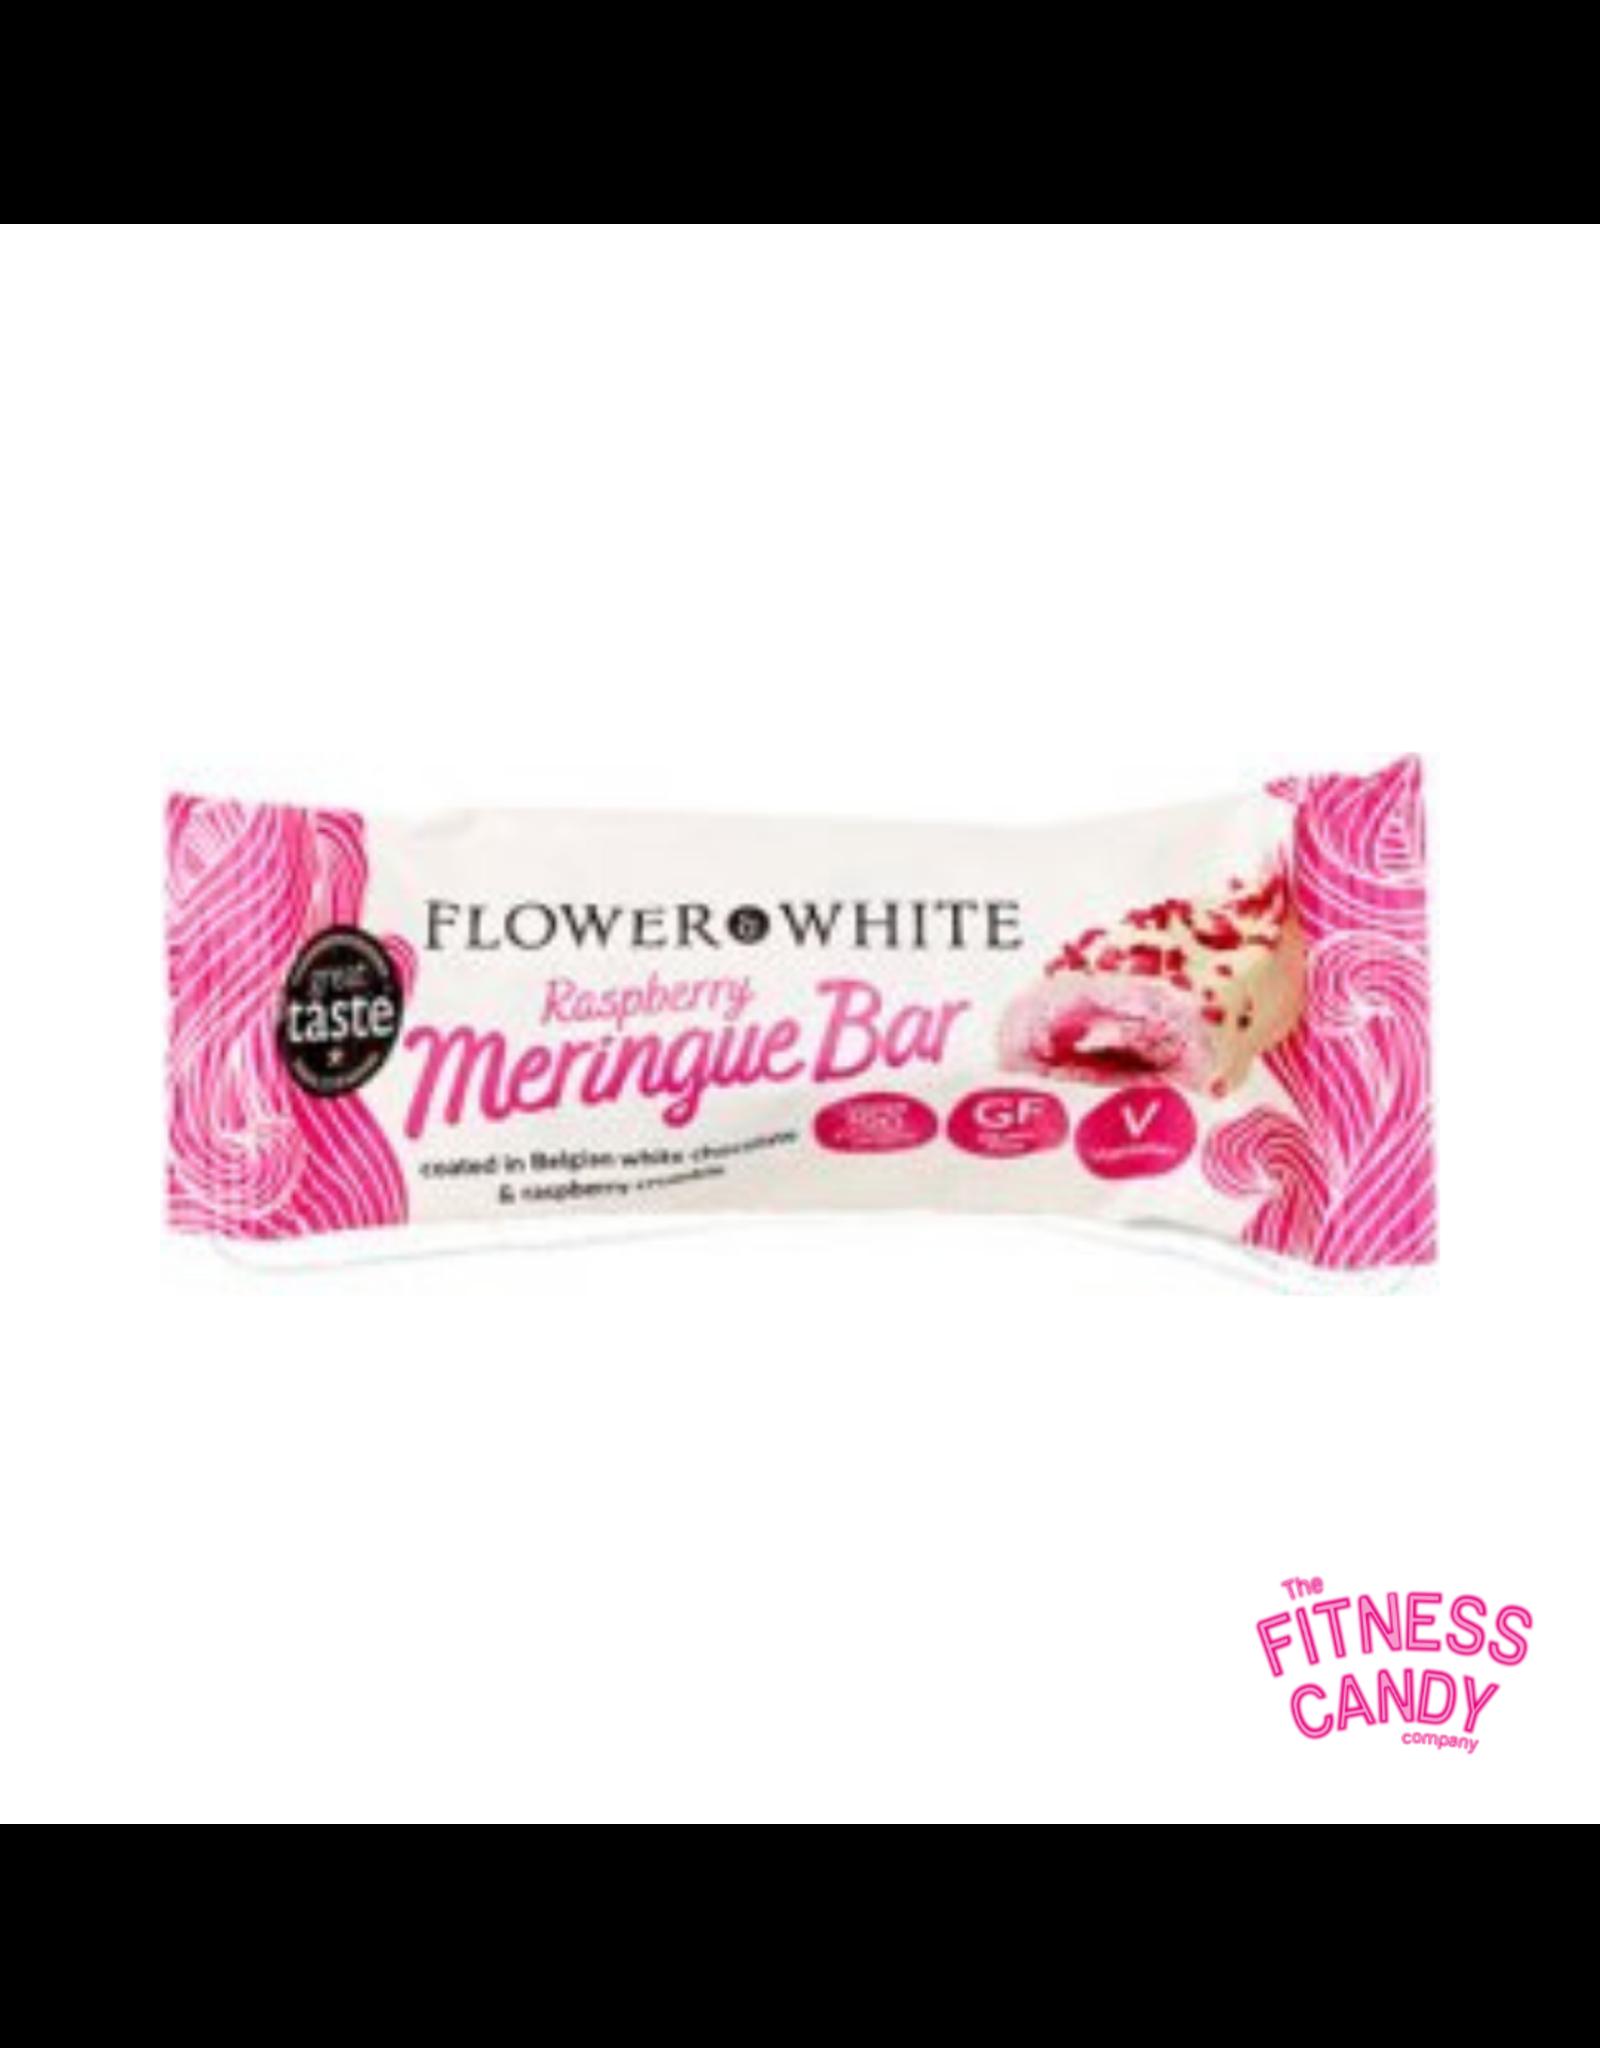 FLOWER WHITE FLOWER WHITE MERINGUE BAR Raspberry